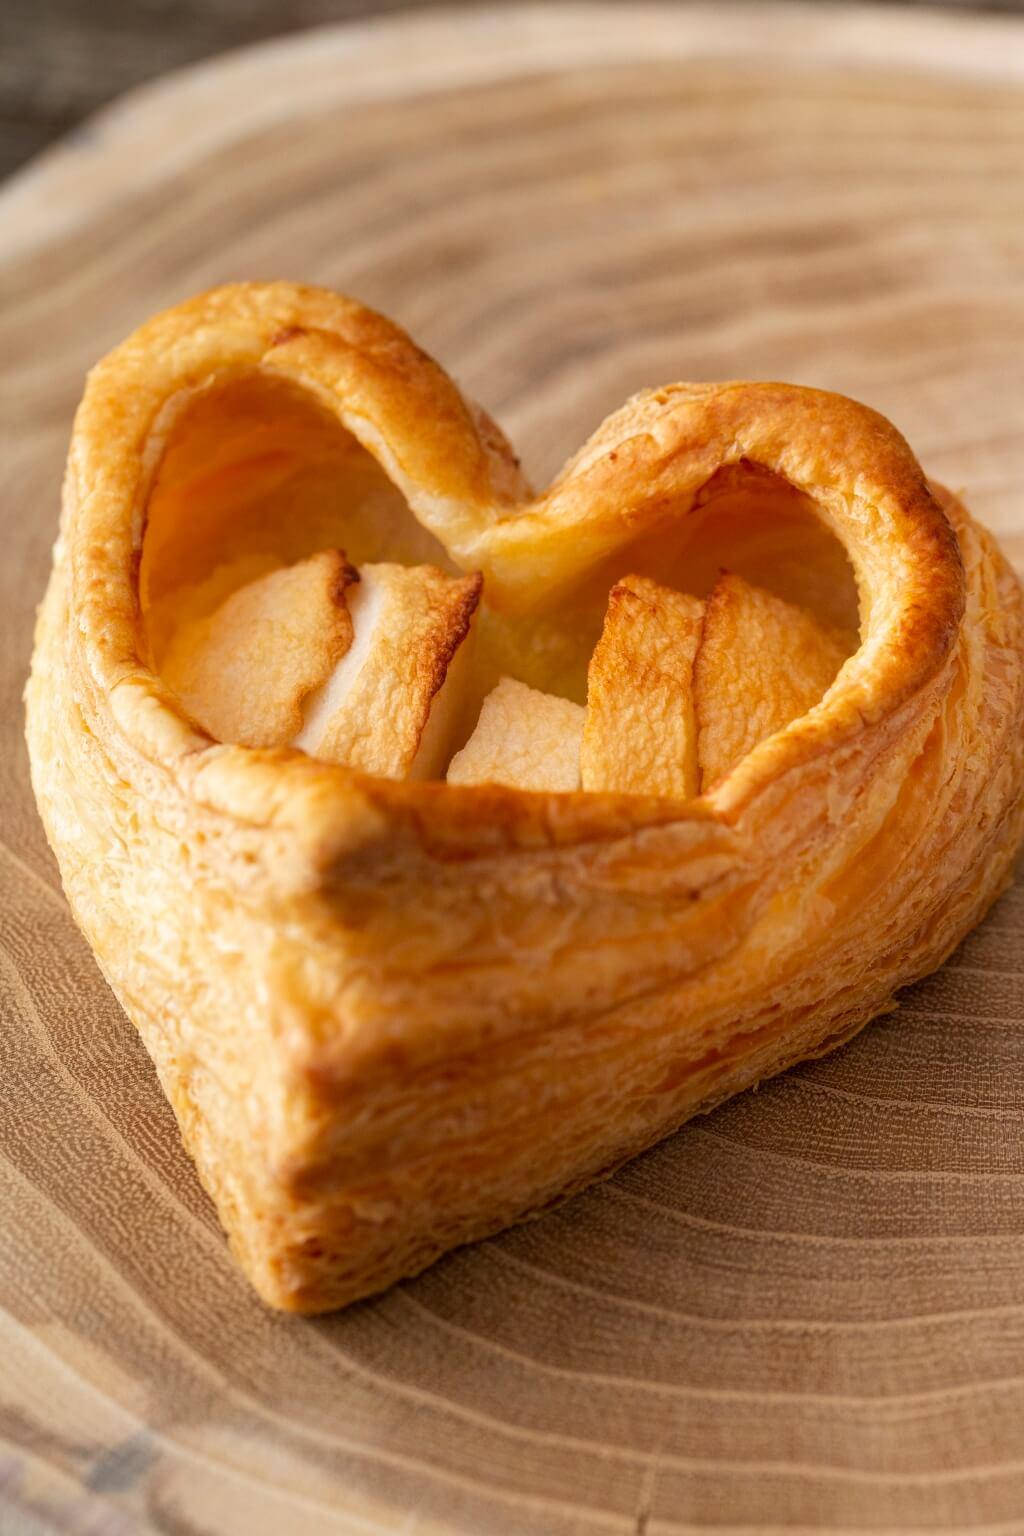 赤い林檎Apple Pie 赤い林檎暑假停售的人氣款式,心 形蘋果批特別之處在於餡料,蘋果 餡混入番薯蓉, 甜味天然, 富果 香。﹝¥400﹞